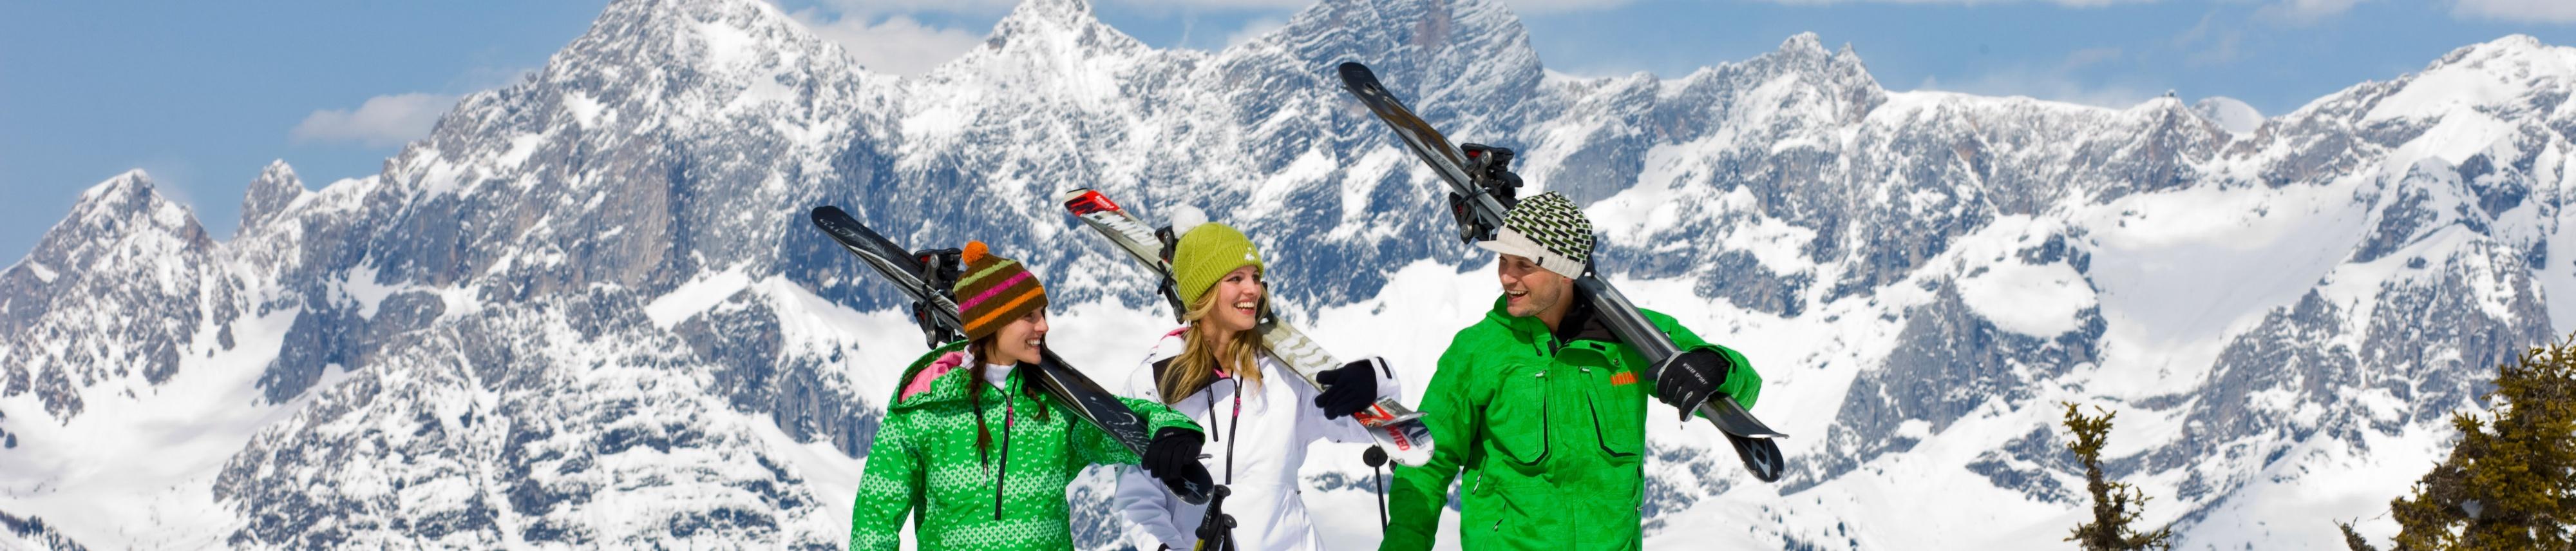 ski5__c_schladming-dachstein_6